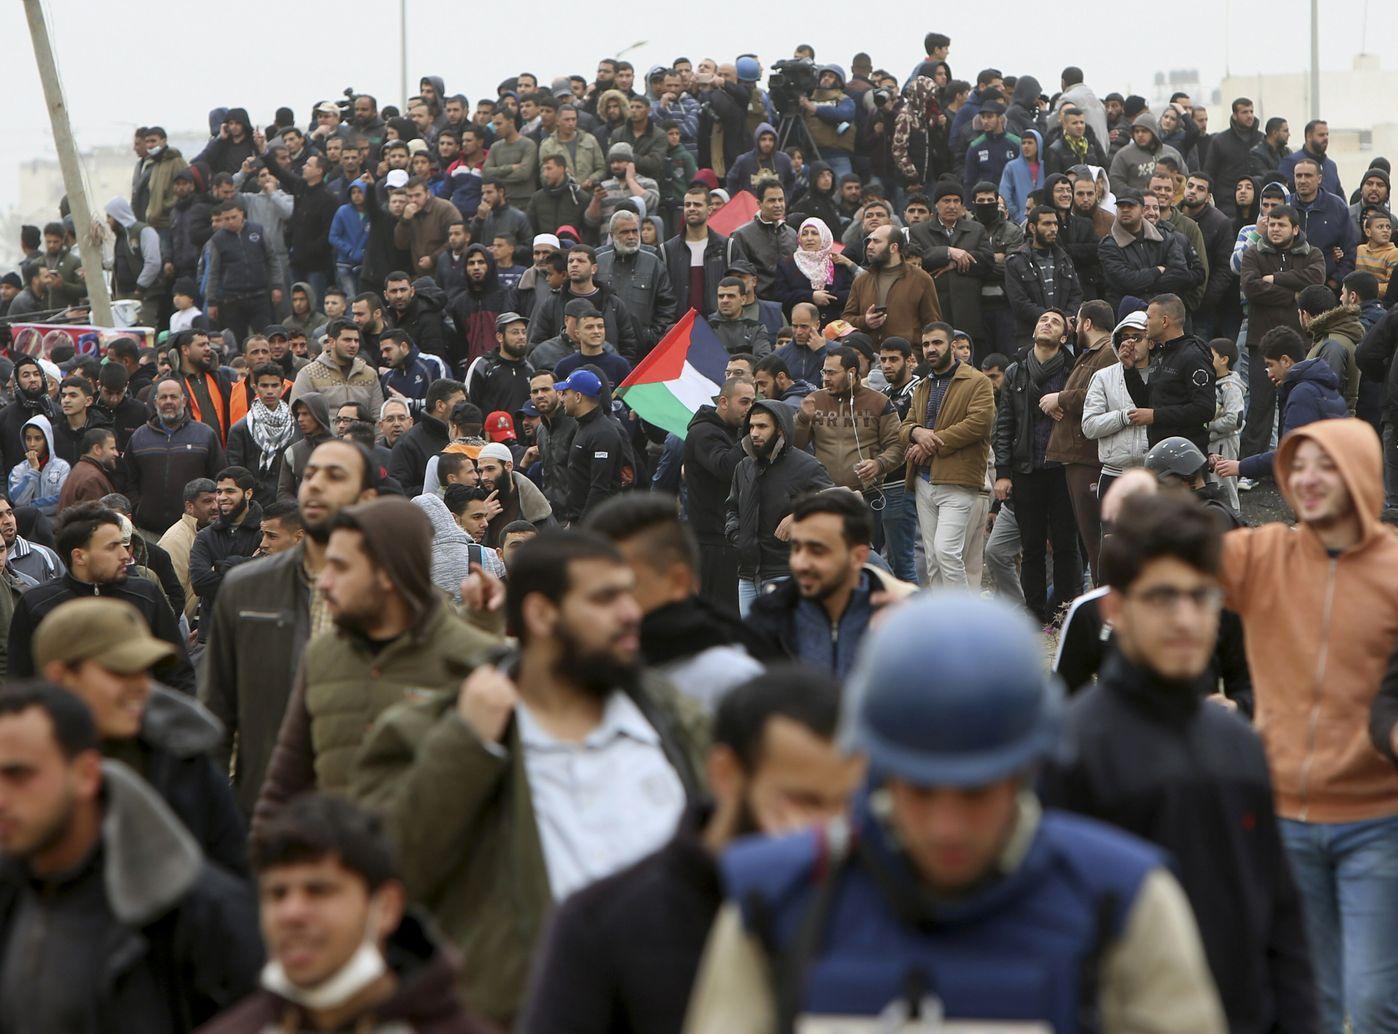 约4万名巴勒斯坦人昨日在加沙边境示威。